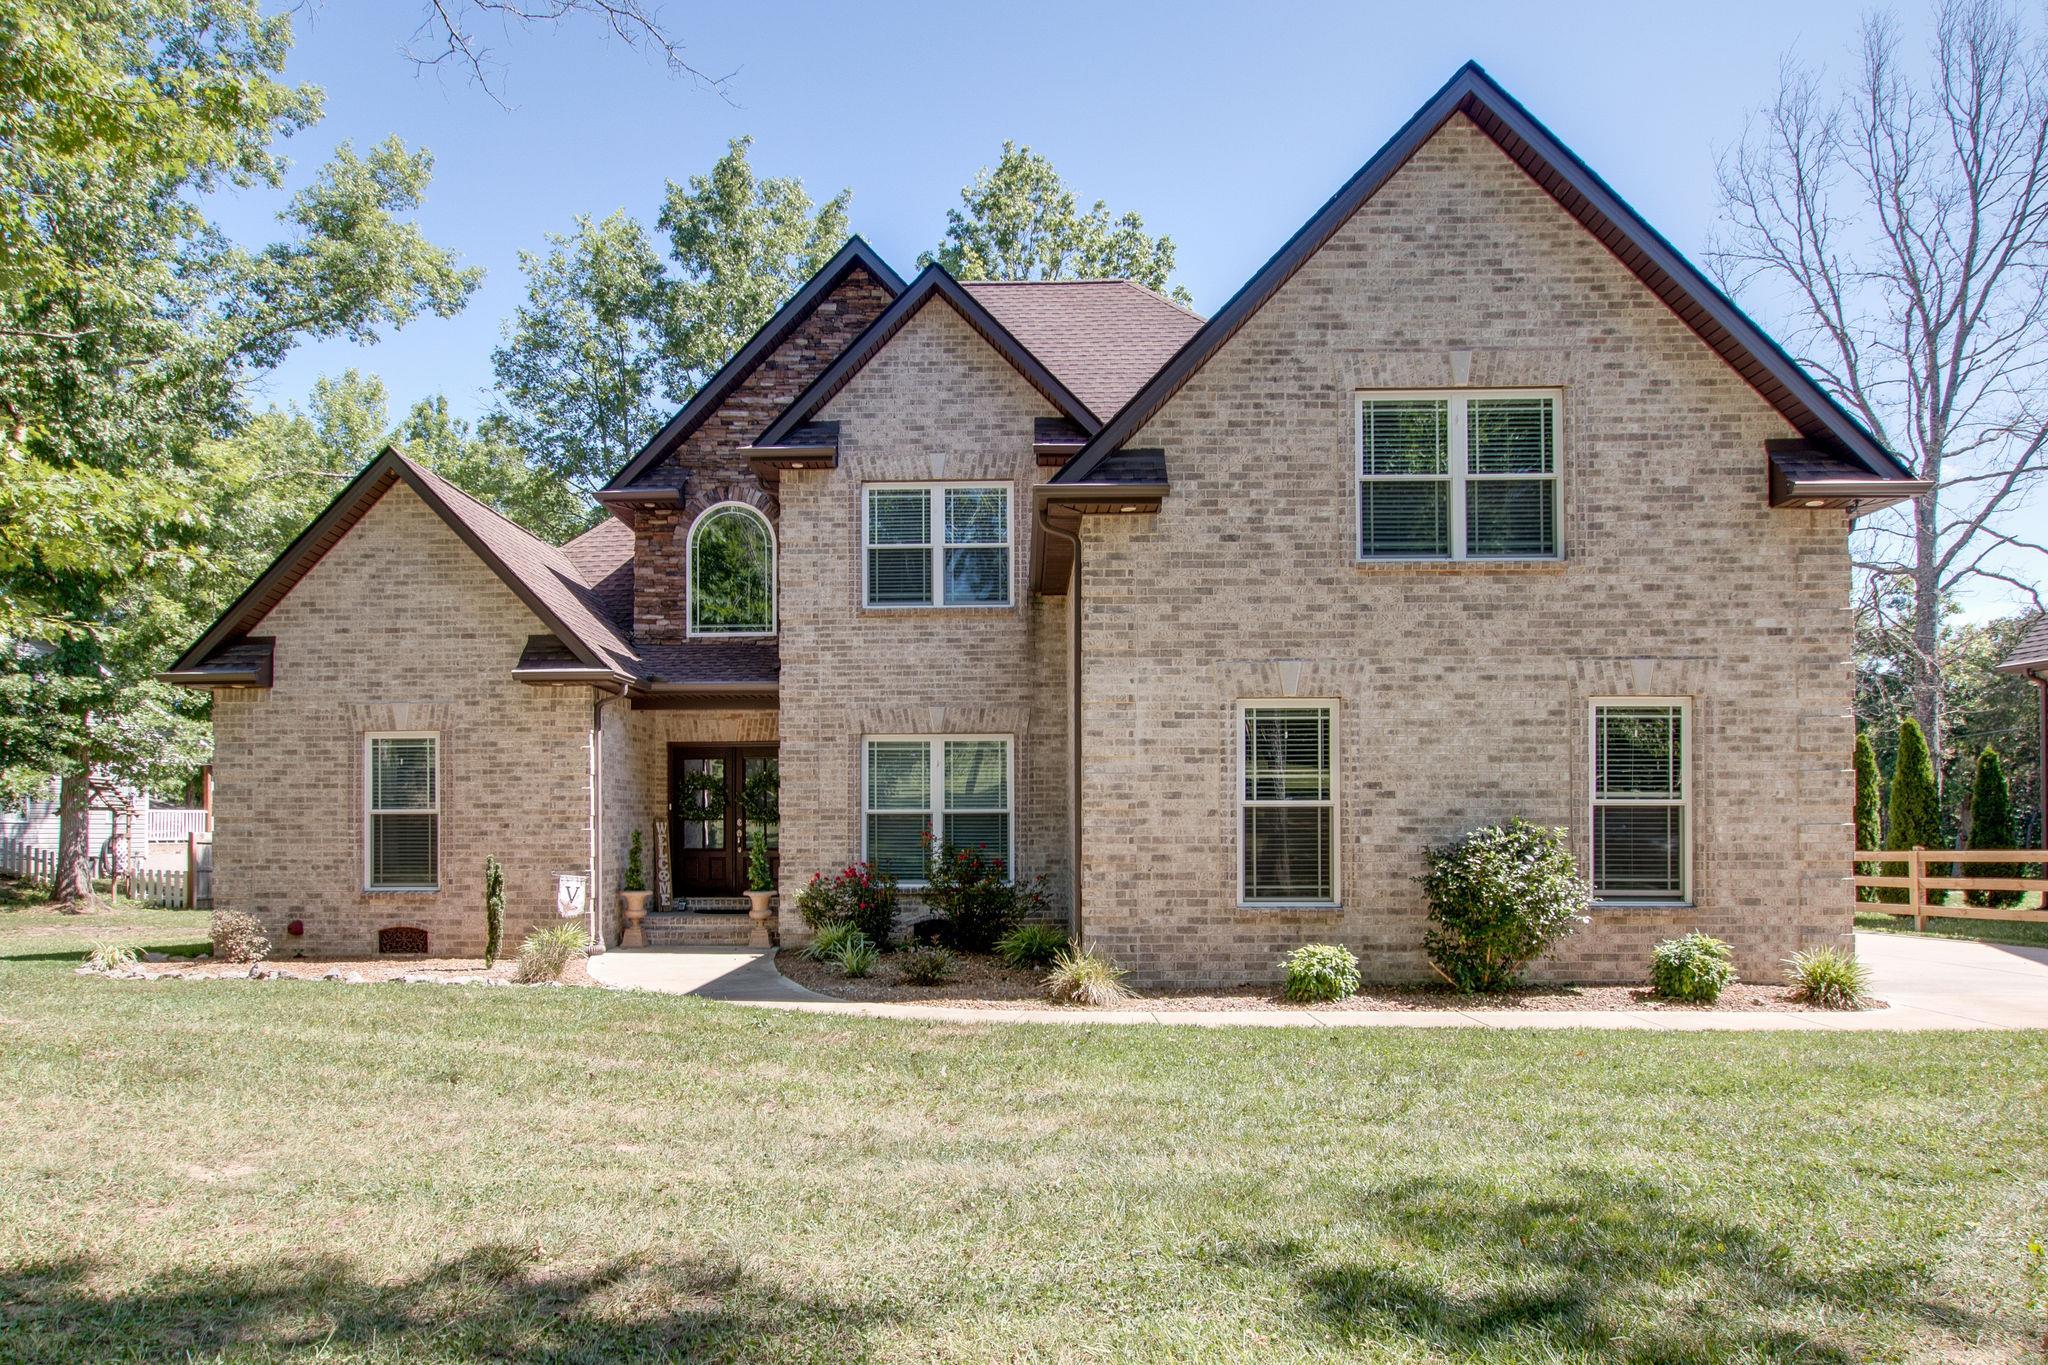 14850 Mount Pleasant Rd Rockvale, TN 37153